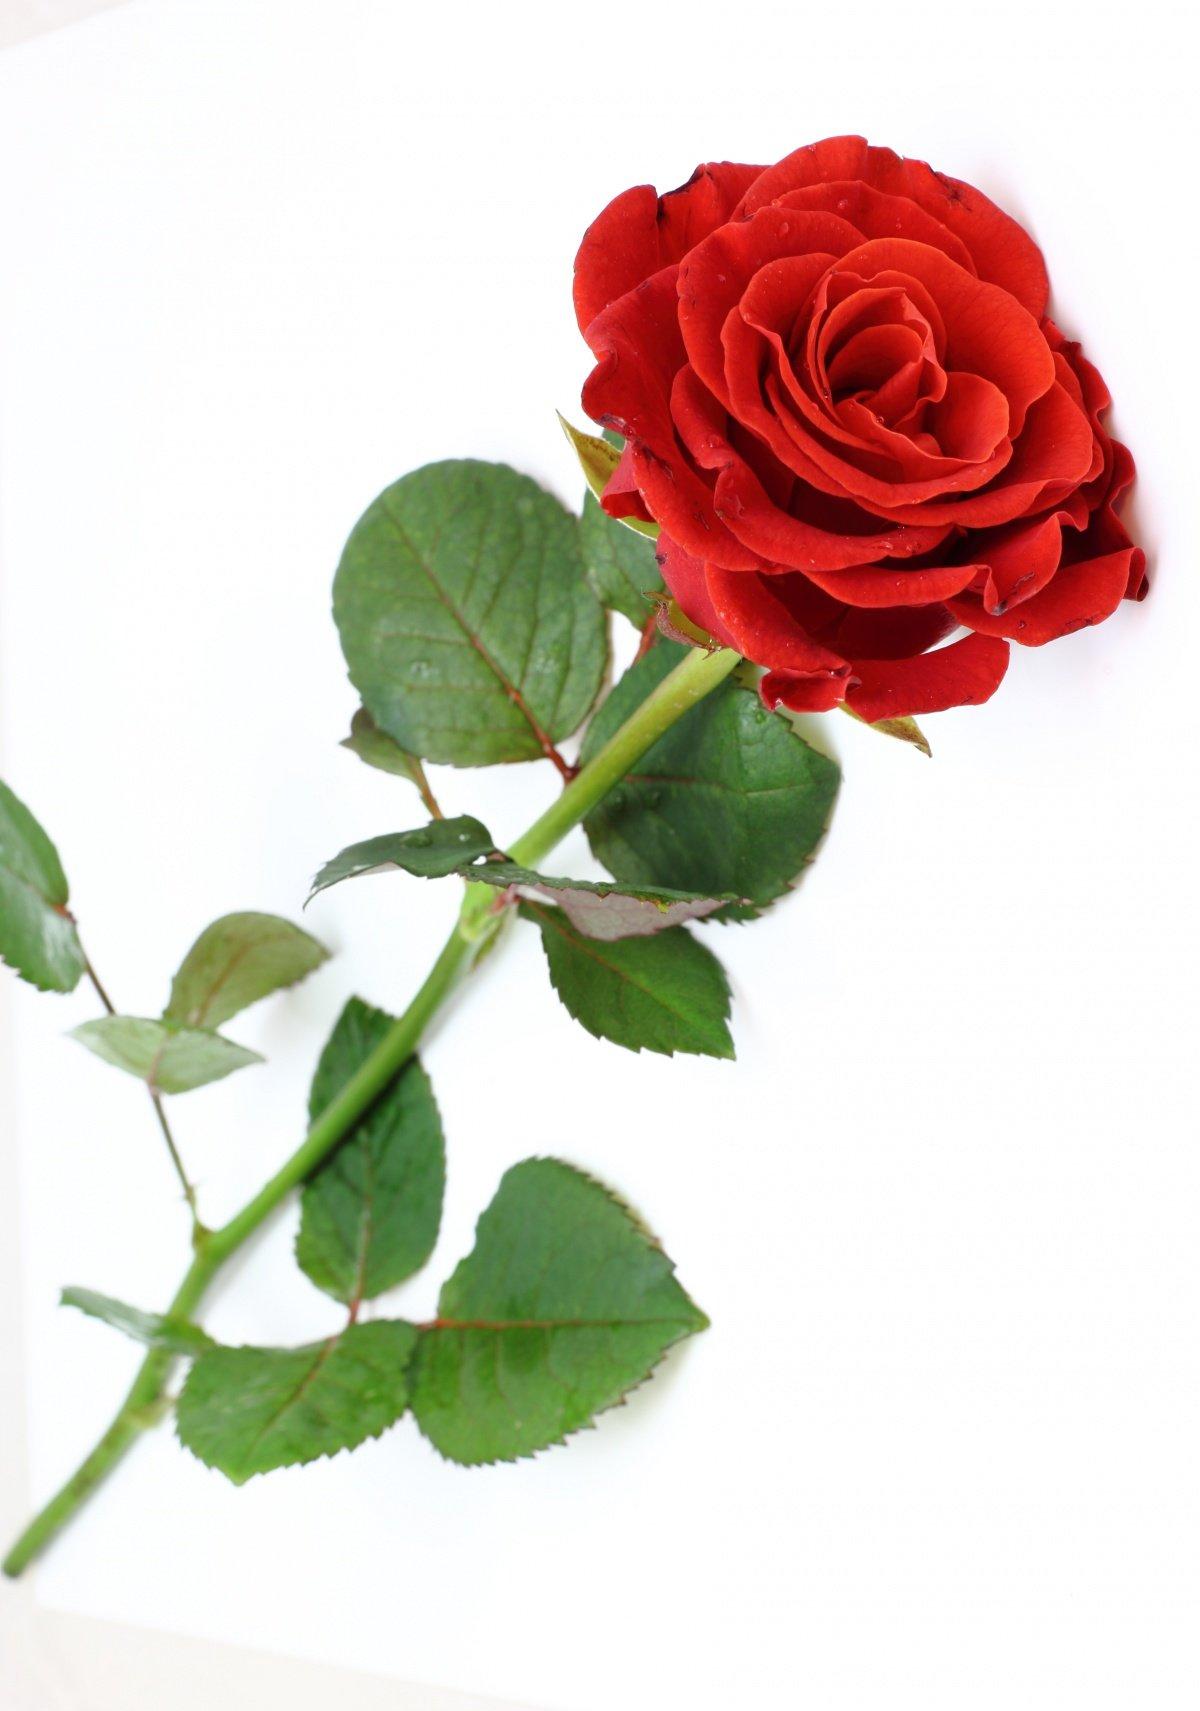 все картинки одного цветка розы что очу, тобы